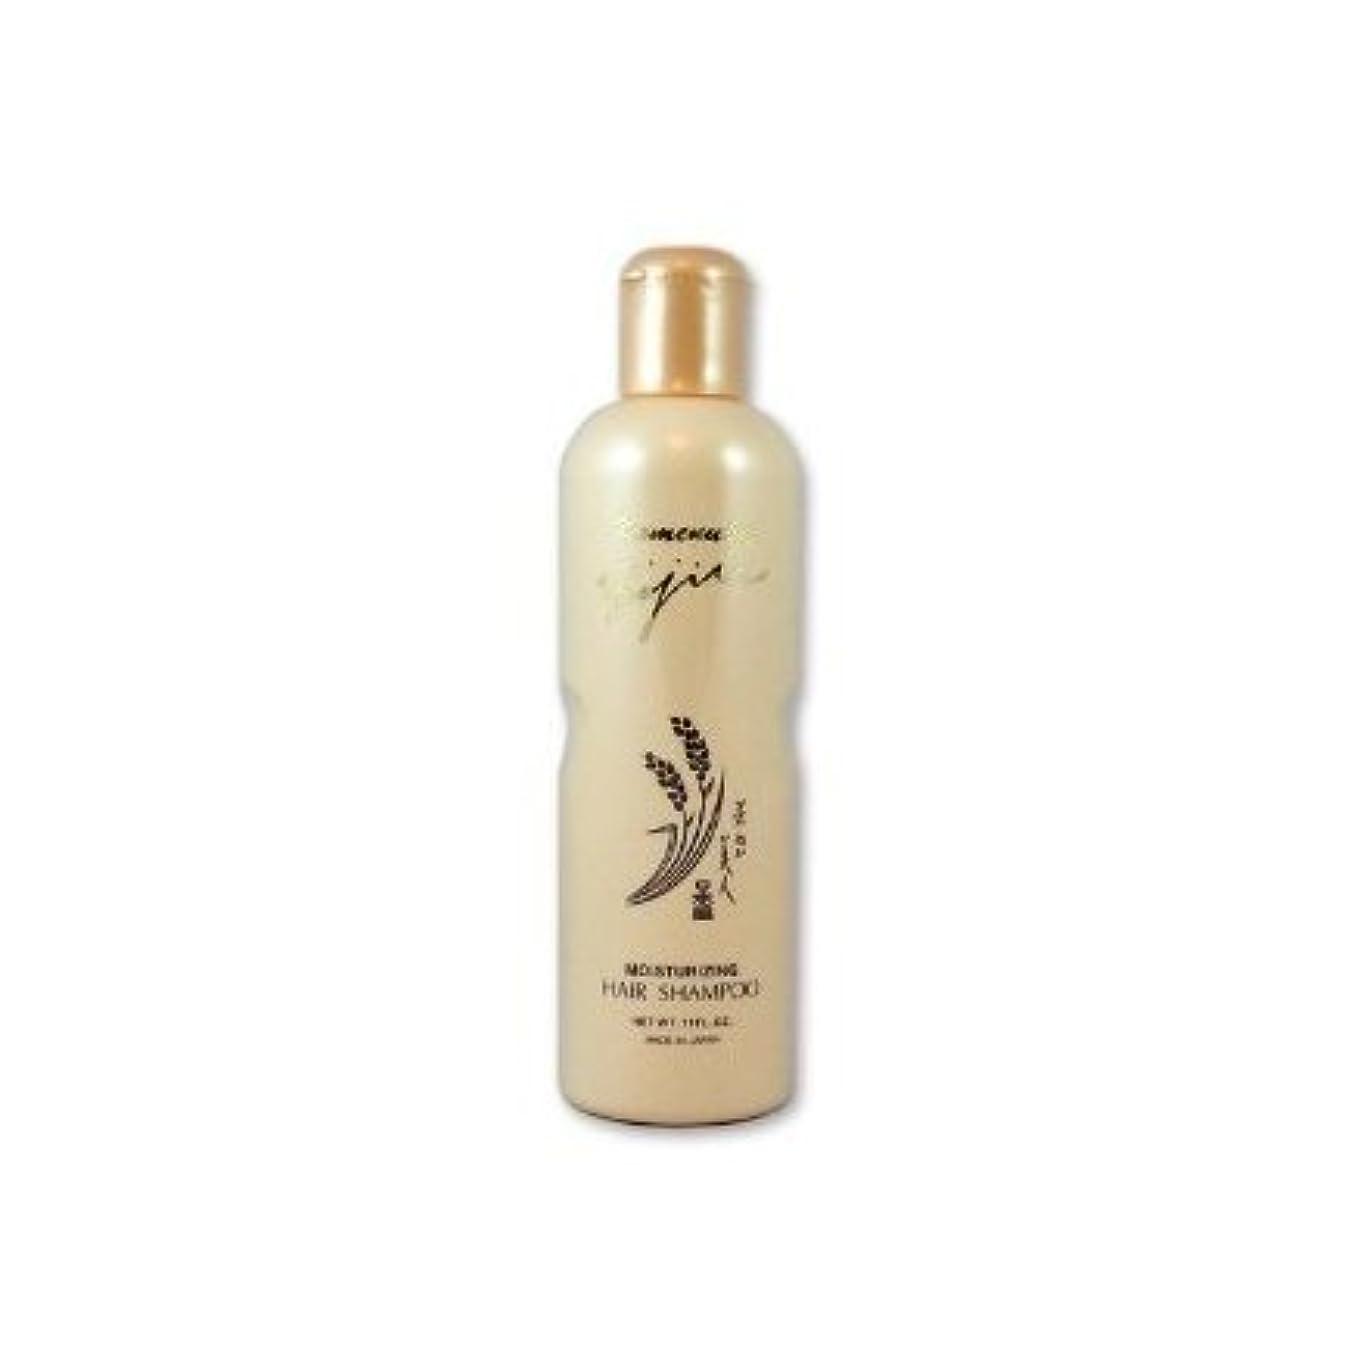 剥ぎ取るそのような引き潮Komenuka Bijin Moisturizing Hair Shampoo With Natural Rice Bran - 11 Fl Oz by KOMENUKA BIJIN / NS-K